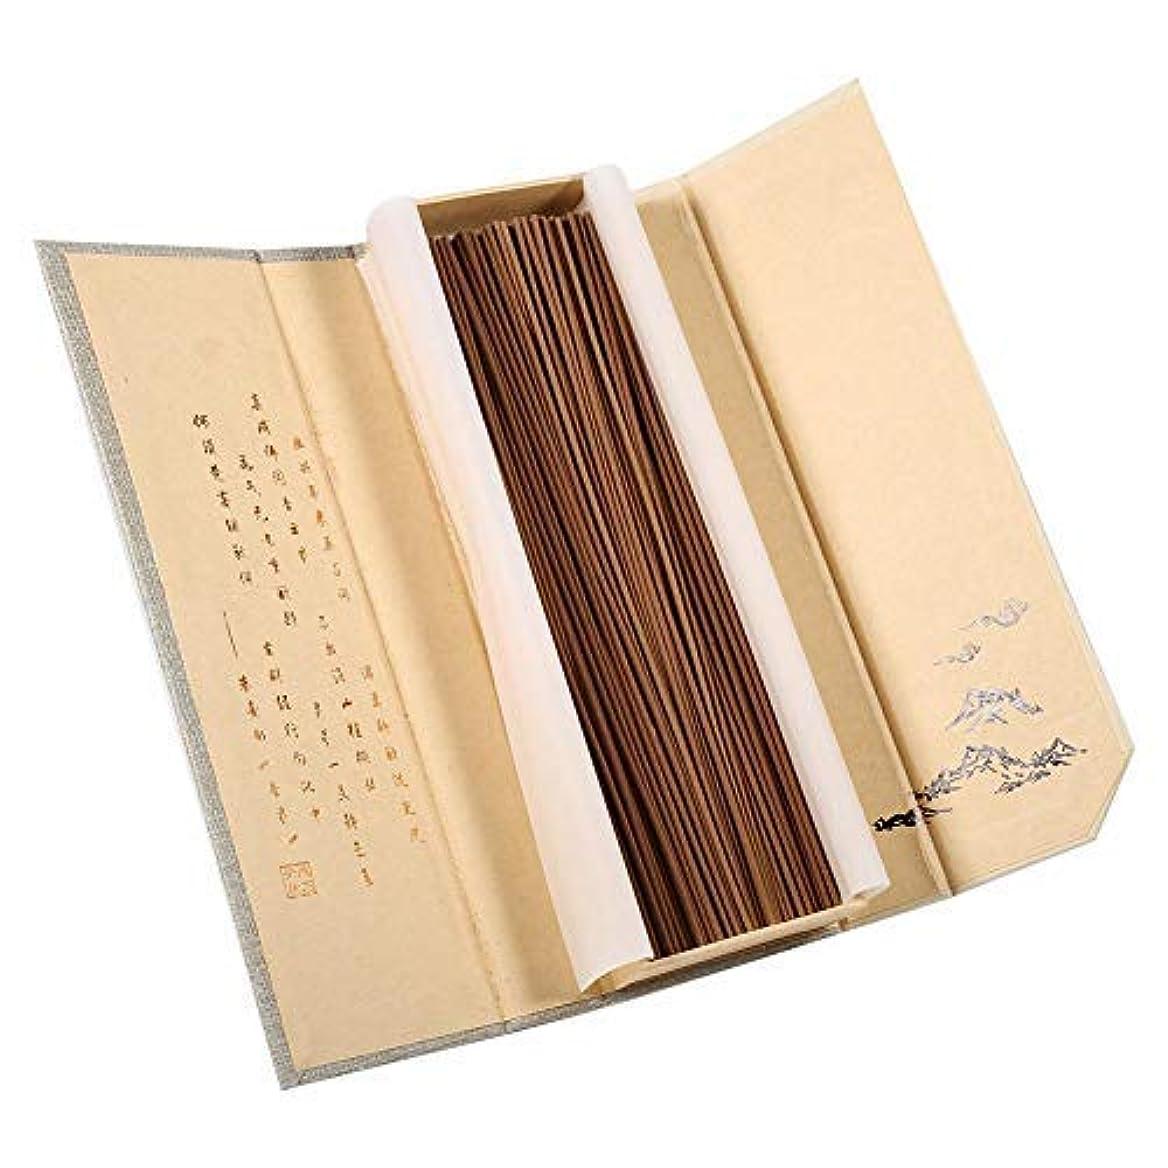 誤解を招く繰り返す習熟度Zerodis 180pcs/pack Natural Sandalwood Incense Buddhist Aroma Non-Toxic Incense Sticks for Household SPA Bathroom...